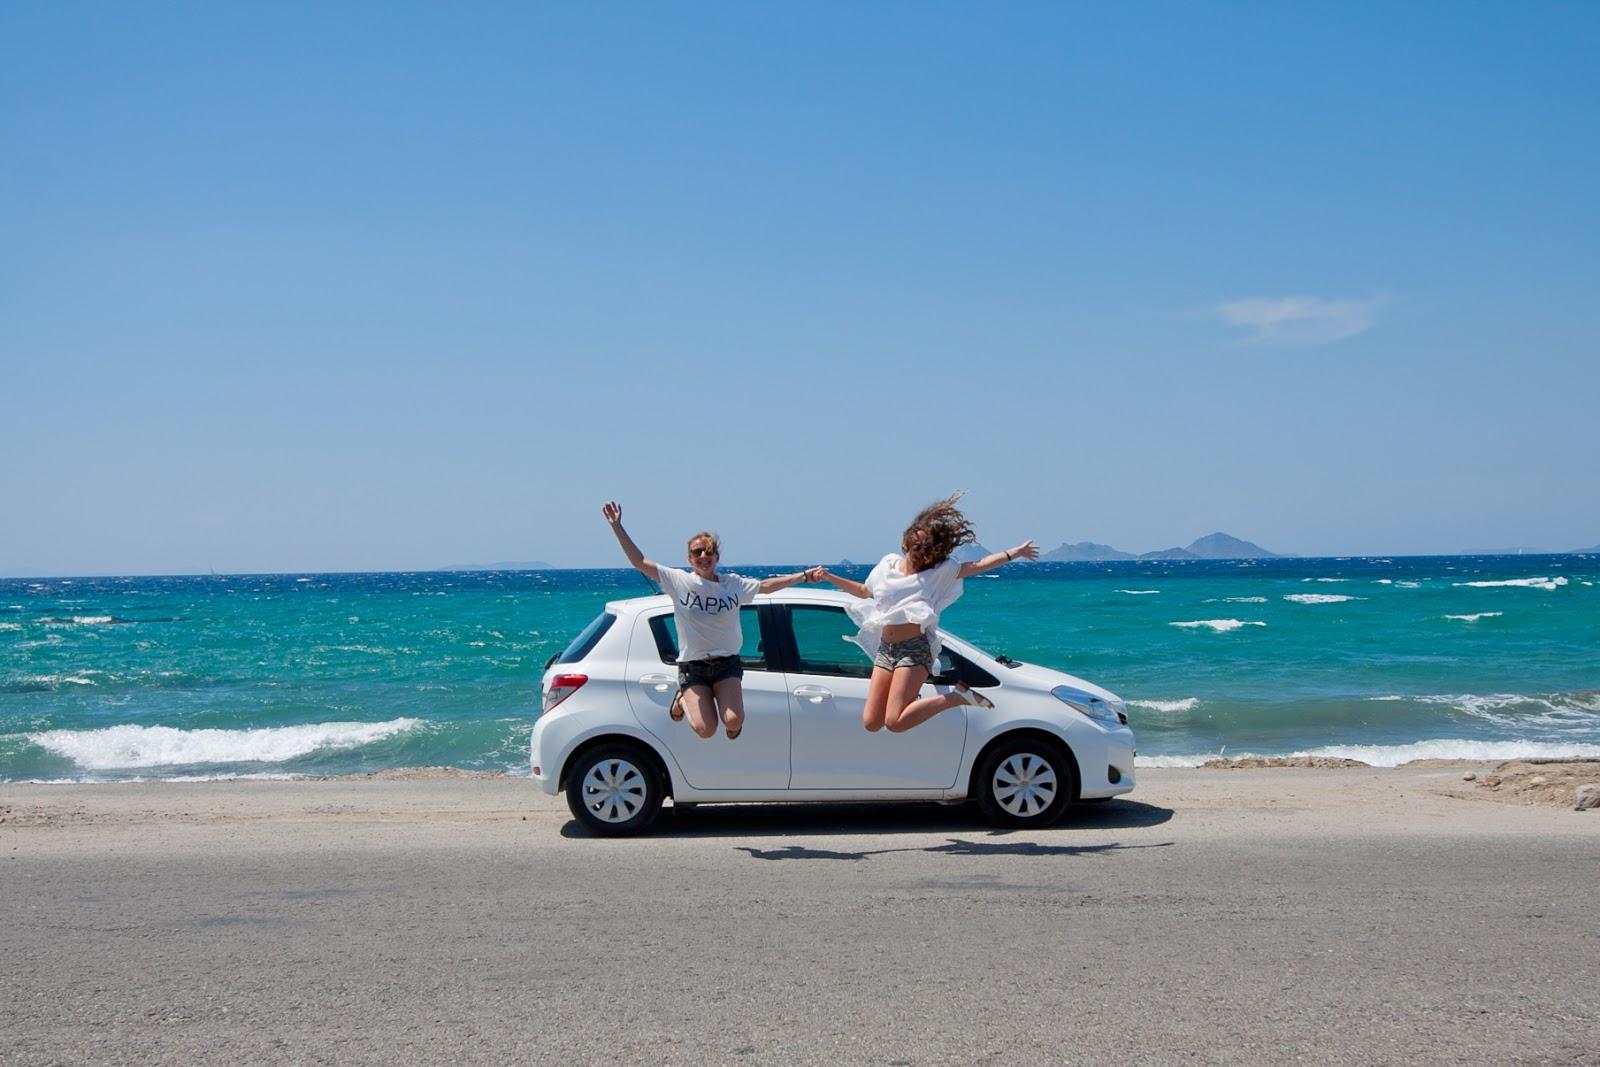 http://www.kolorowadusza.com/wp-content/uploads/2015/06/kos-wypo%C5%BCyczanie-samochodu.jpg